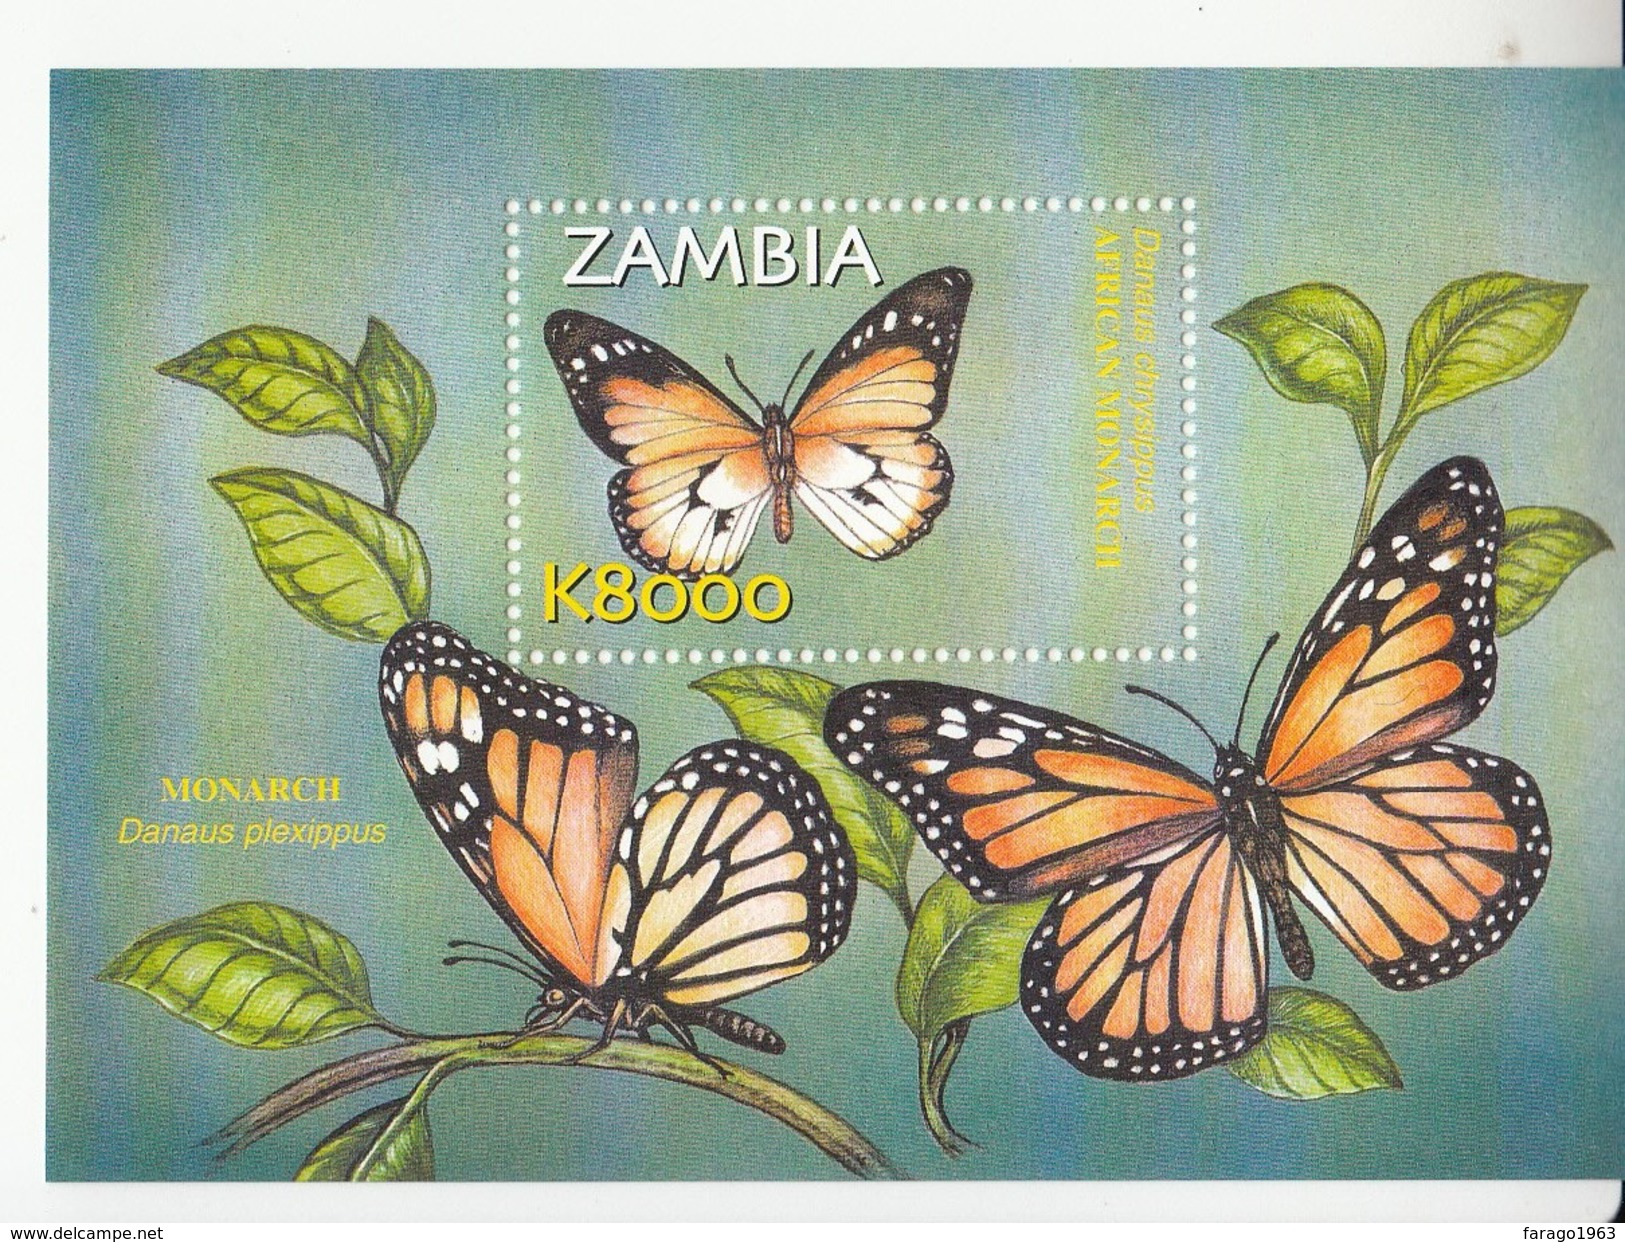 2002 Zambia Butterflies Miniature Sheet Of 6 And Souvenir Sheet MNH - Butterflies